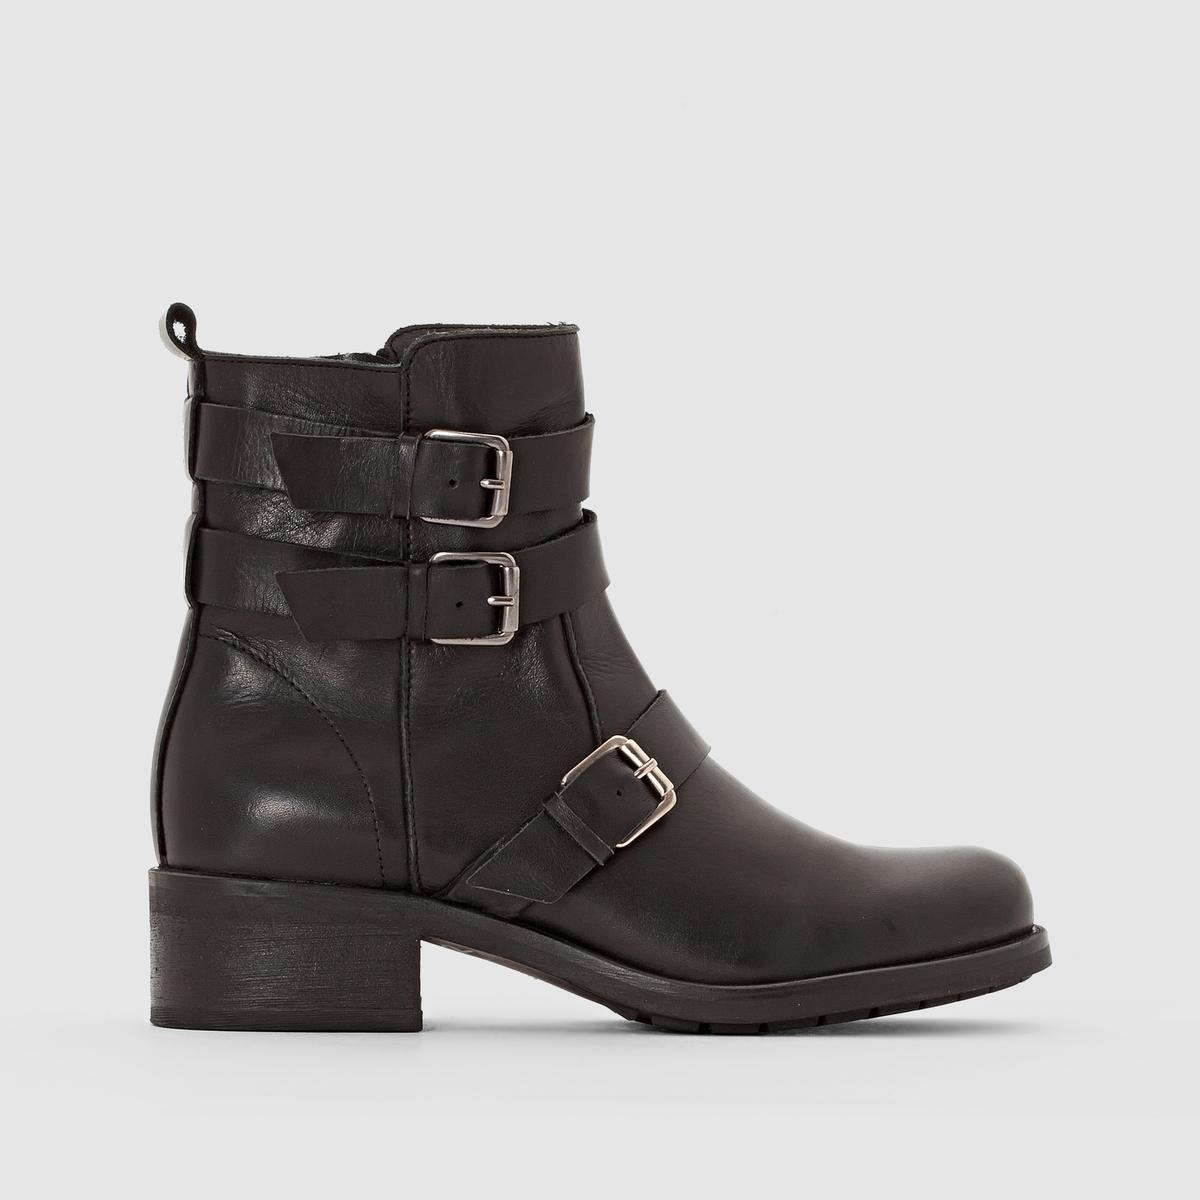 Ботинки кожаные в байкерском стиле пальто в байкерском стиле oasis пальто в байкерском стиле